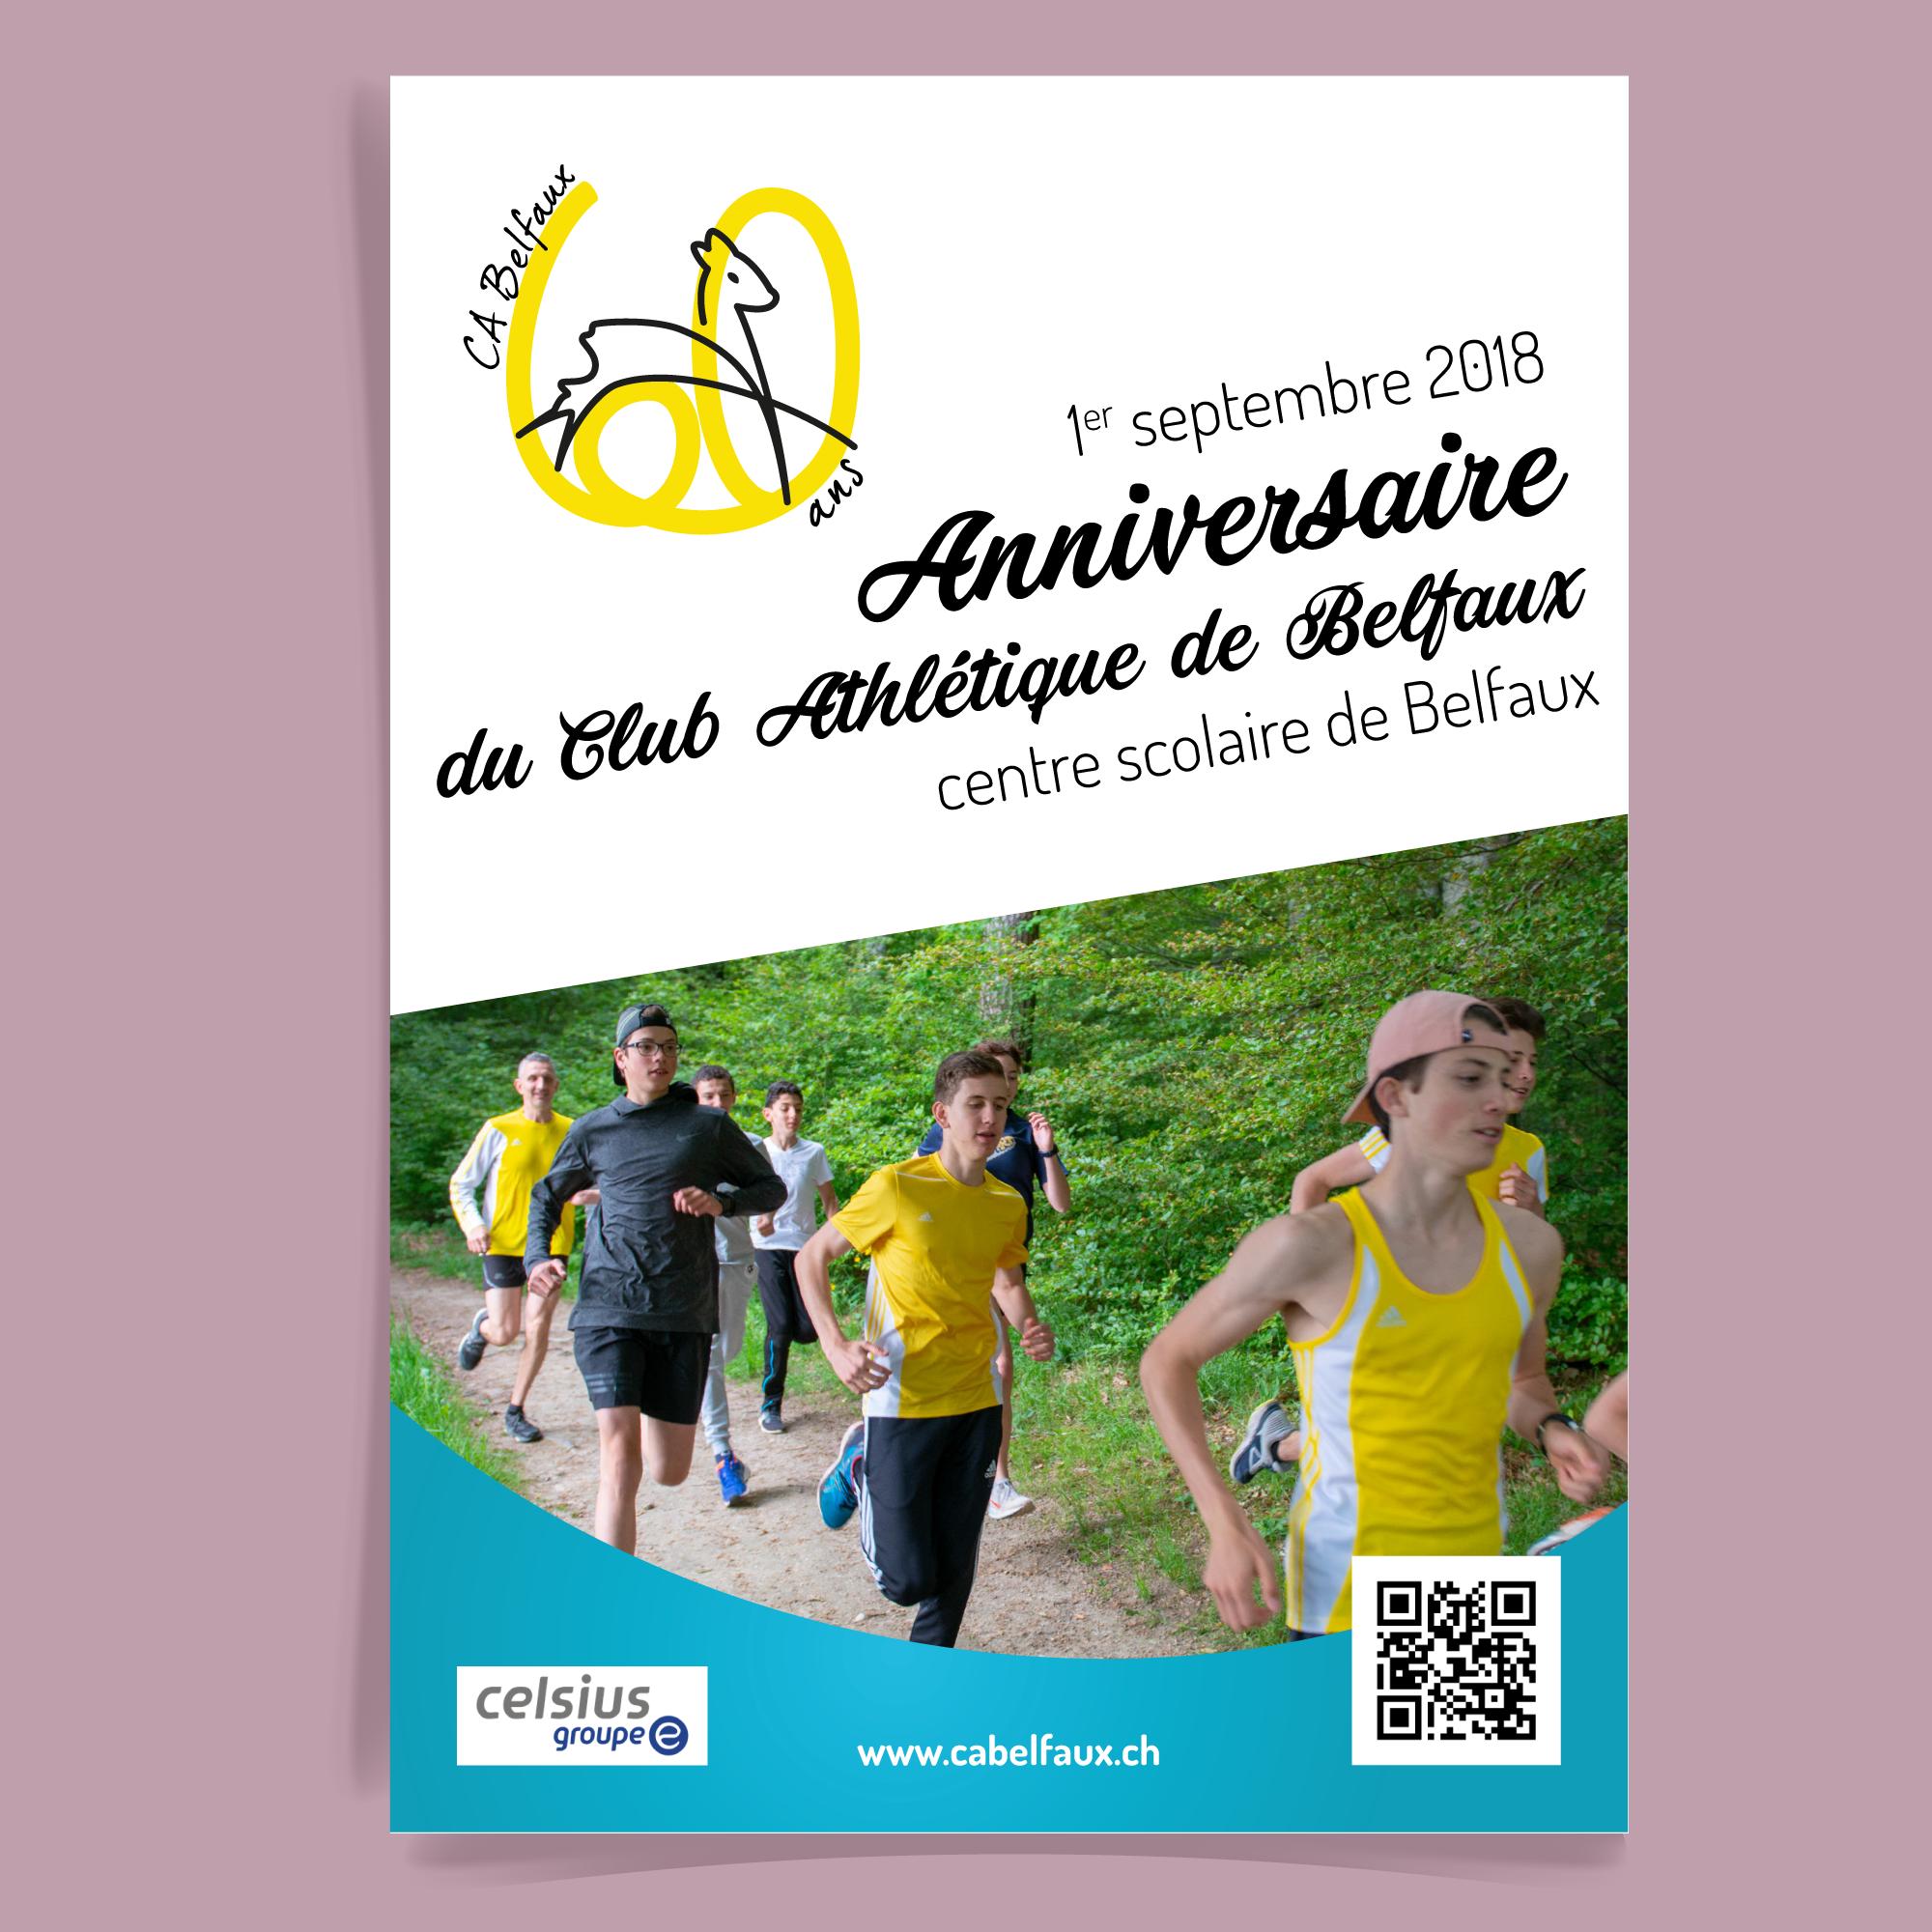 flyer pour annoncer la course